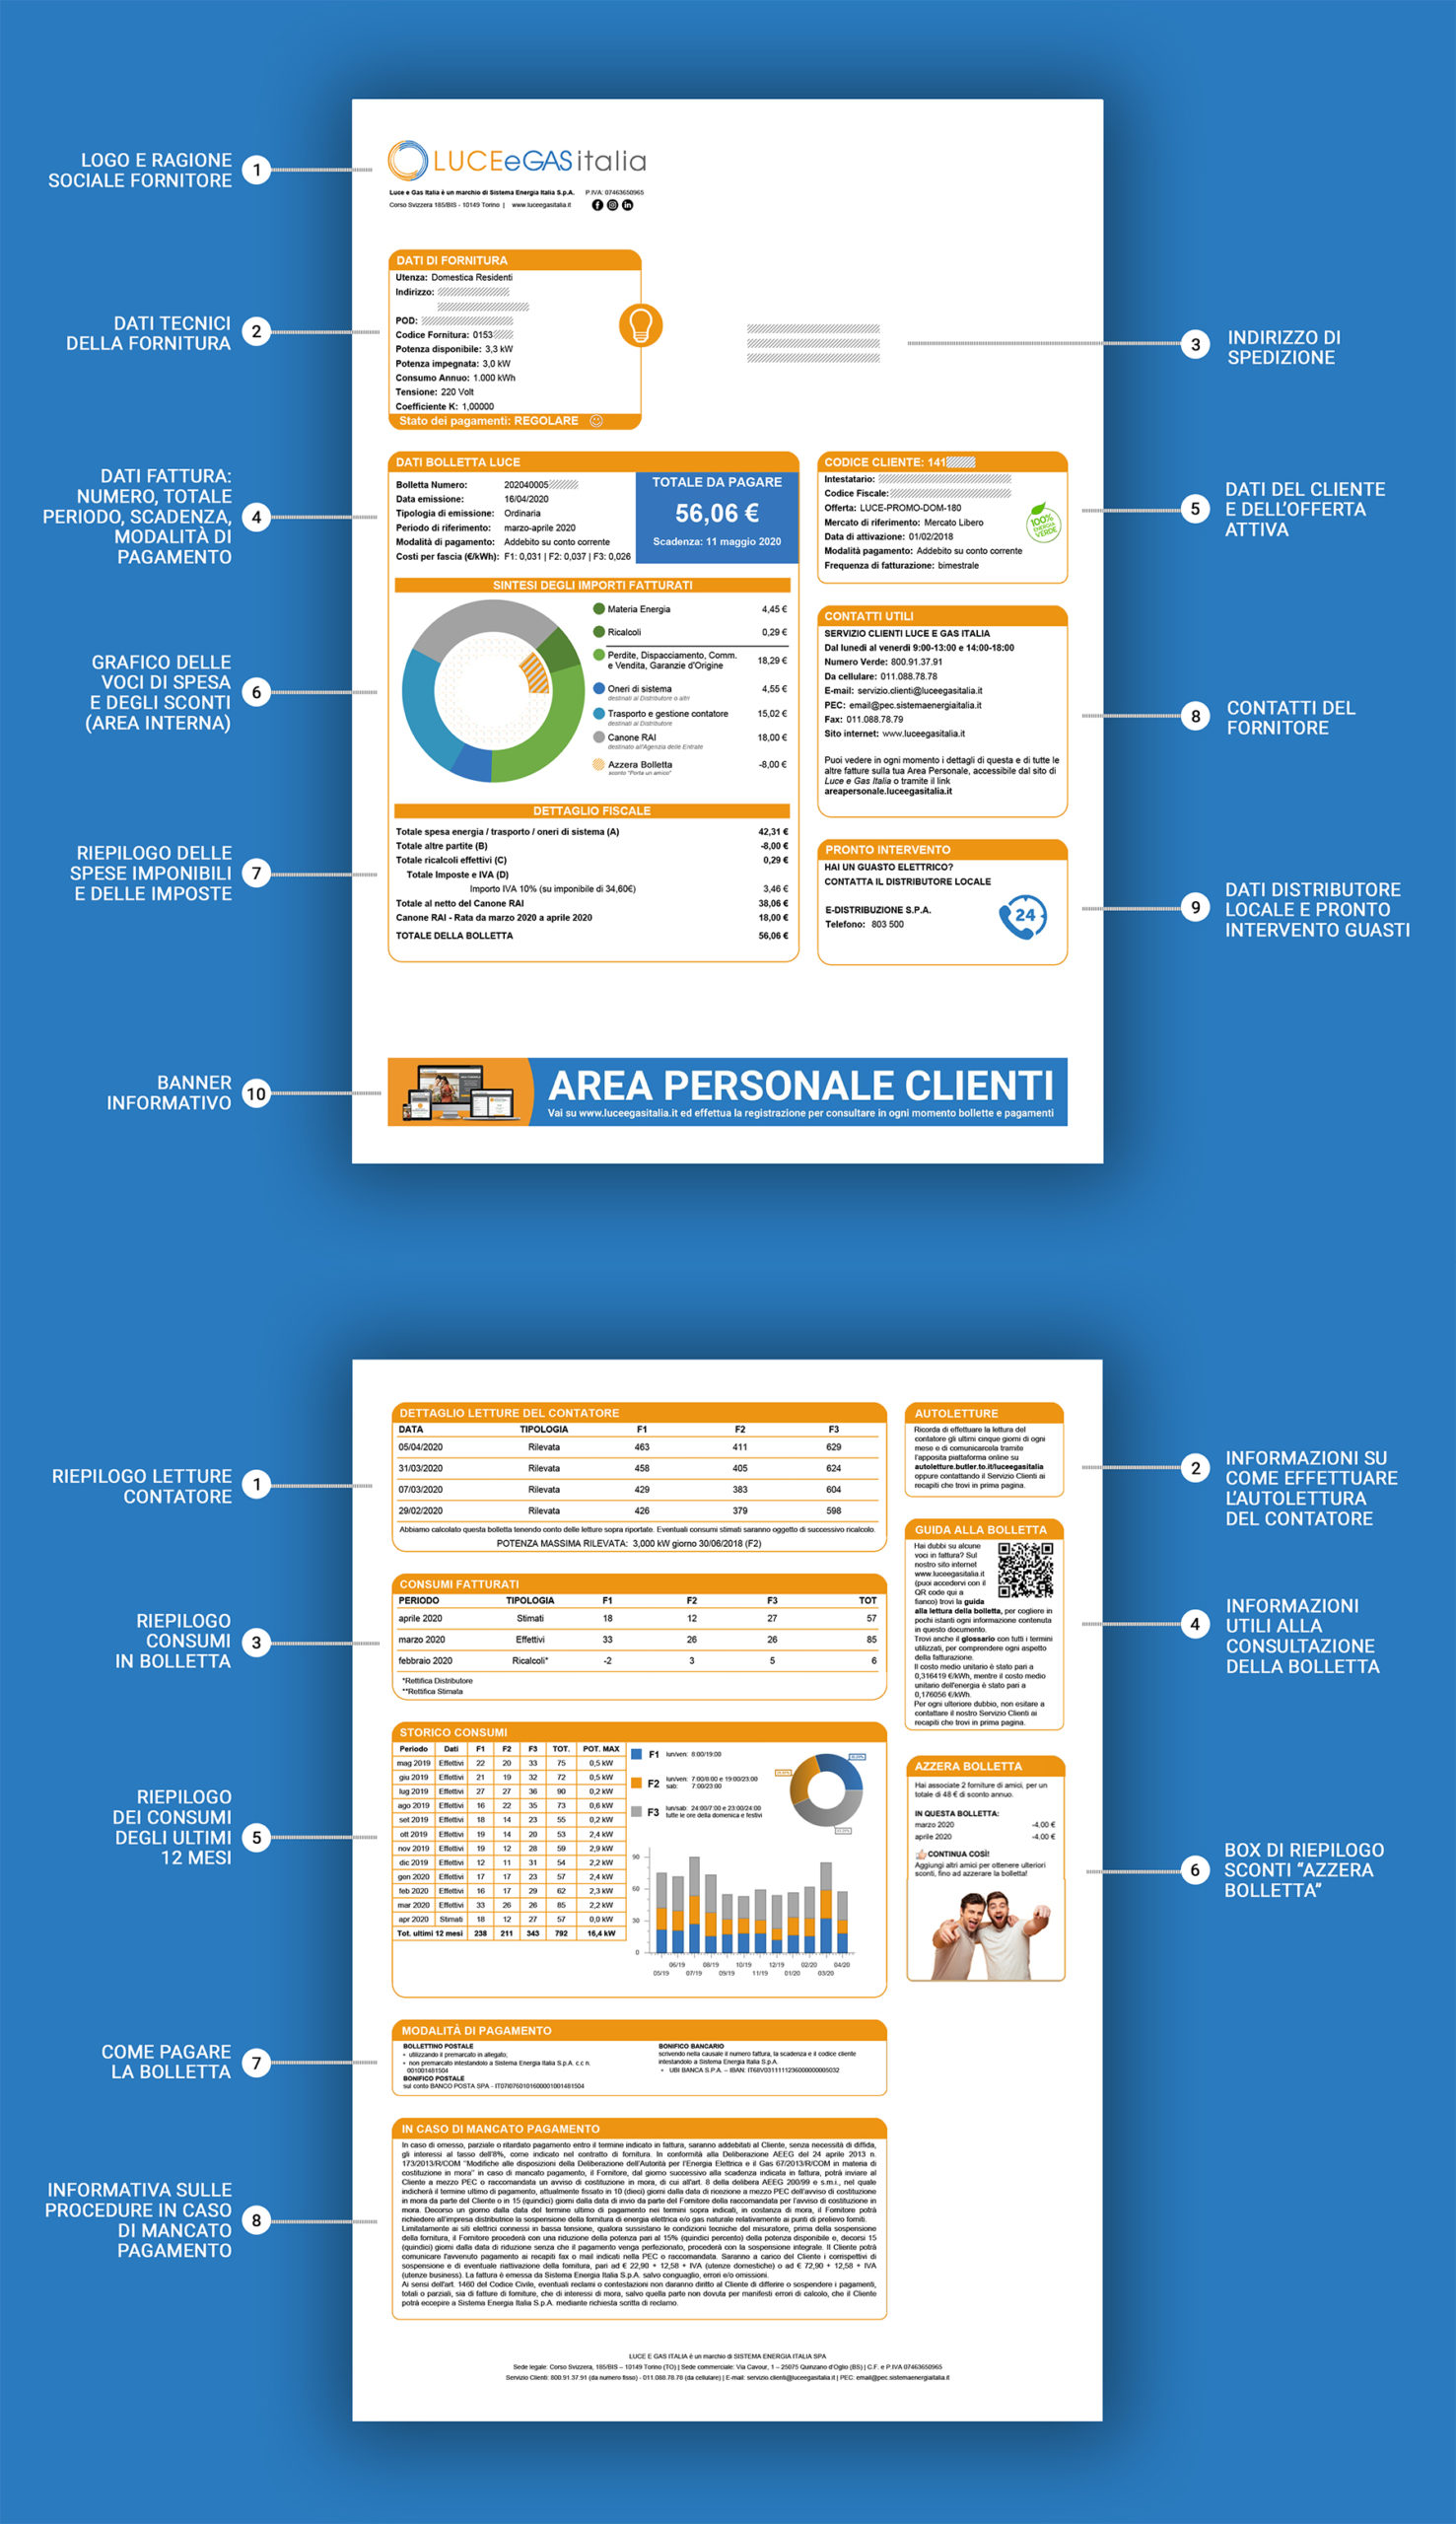 Guida alla bolletta elettrica - Luce e Gas Italia